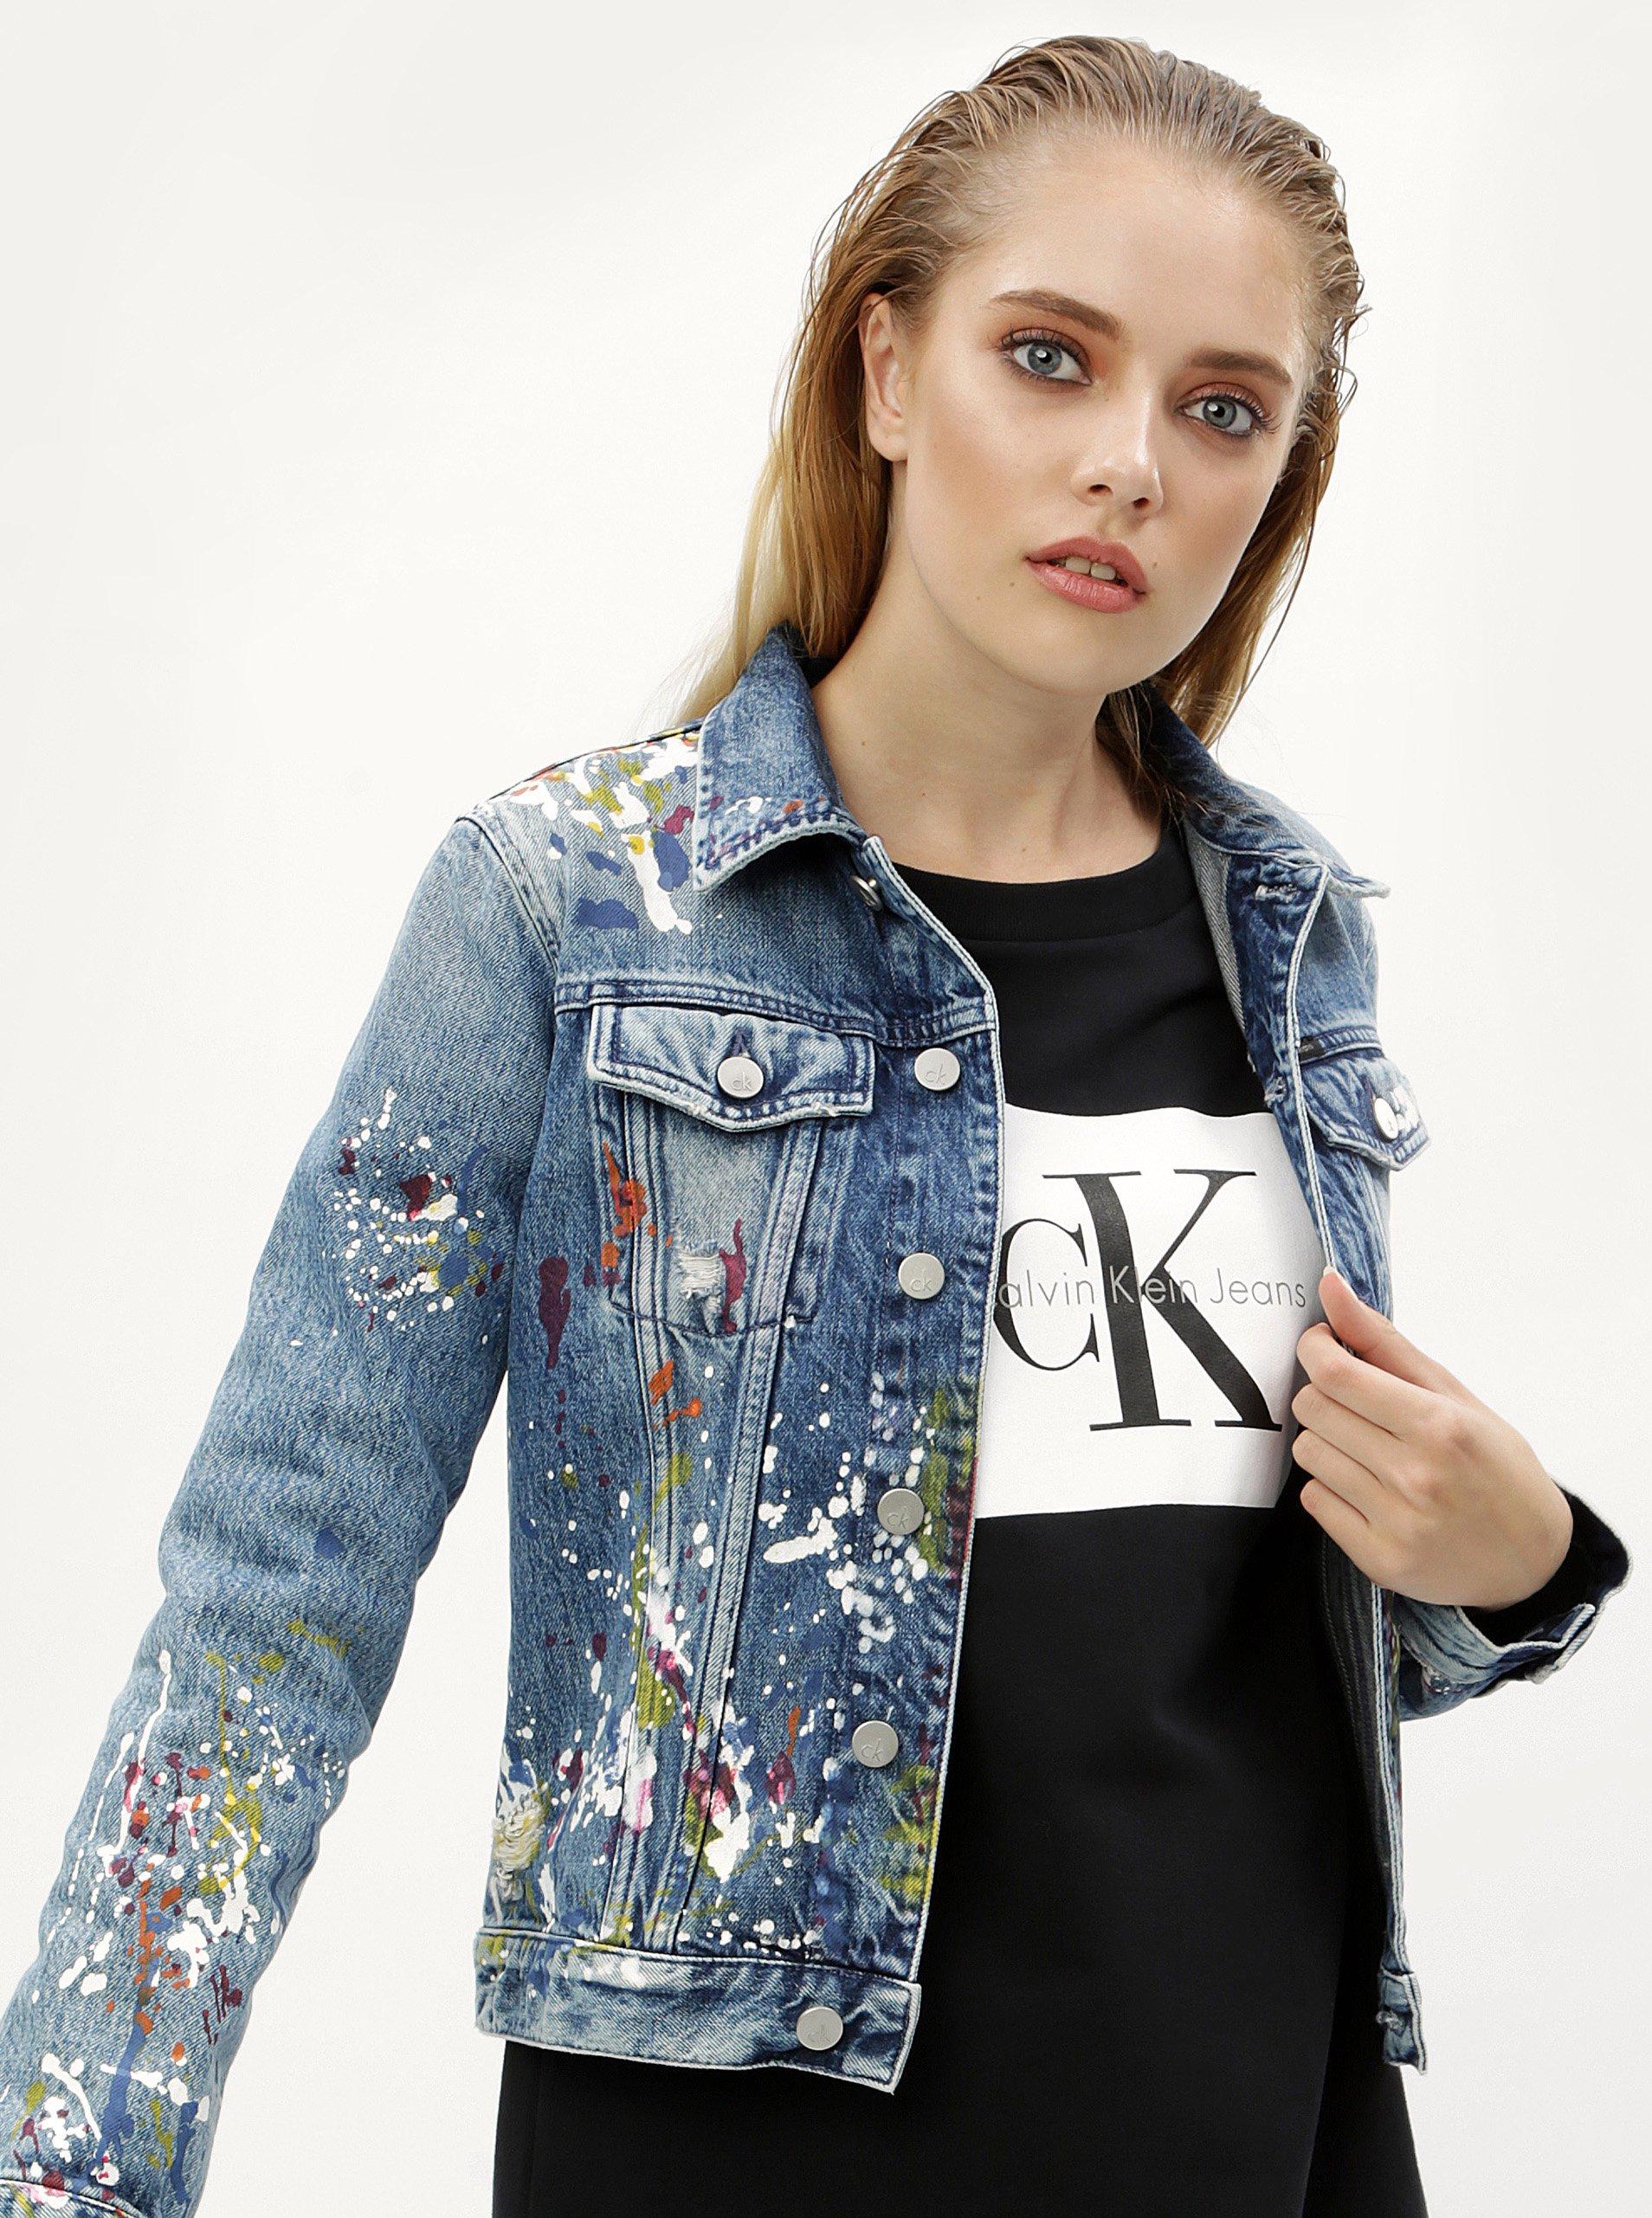 abfafa24968e Modrá dámska rifľová bunda s potlačou Calvin Klein Jeans